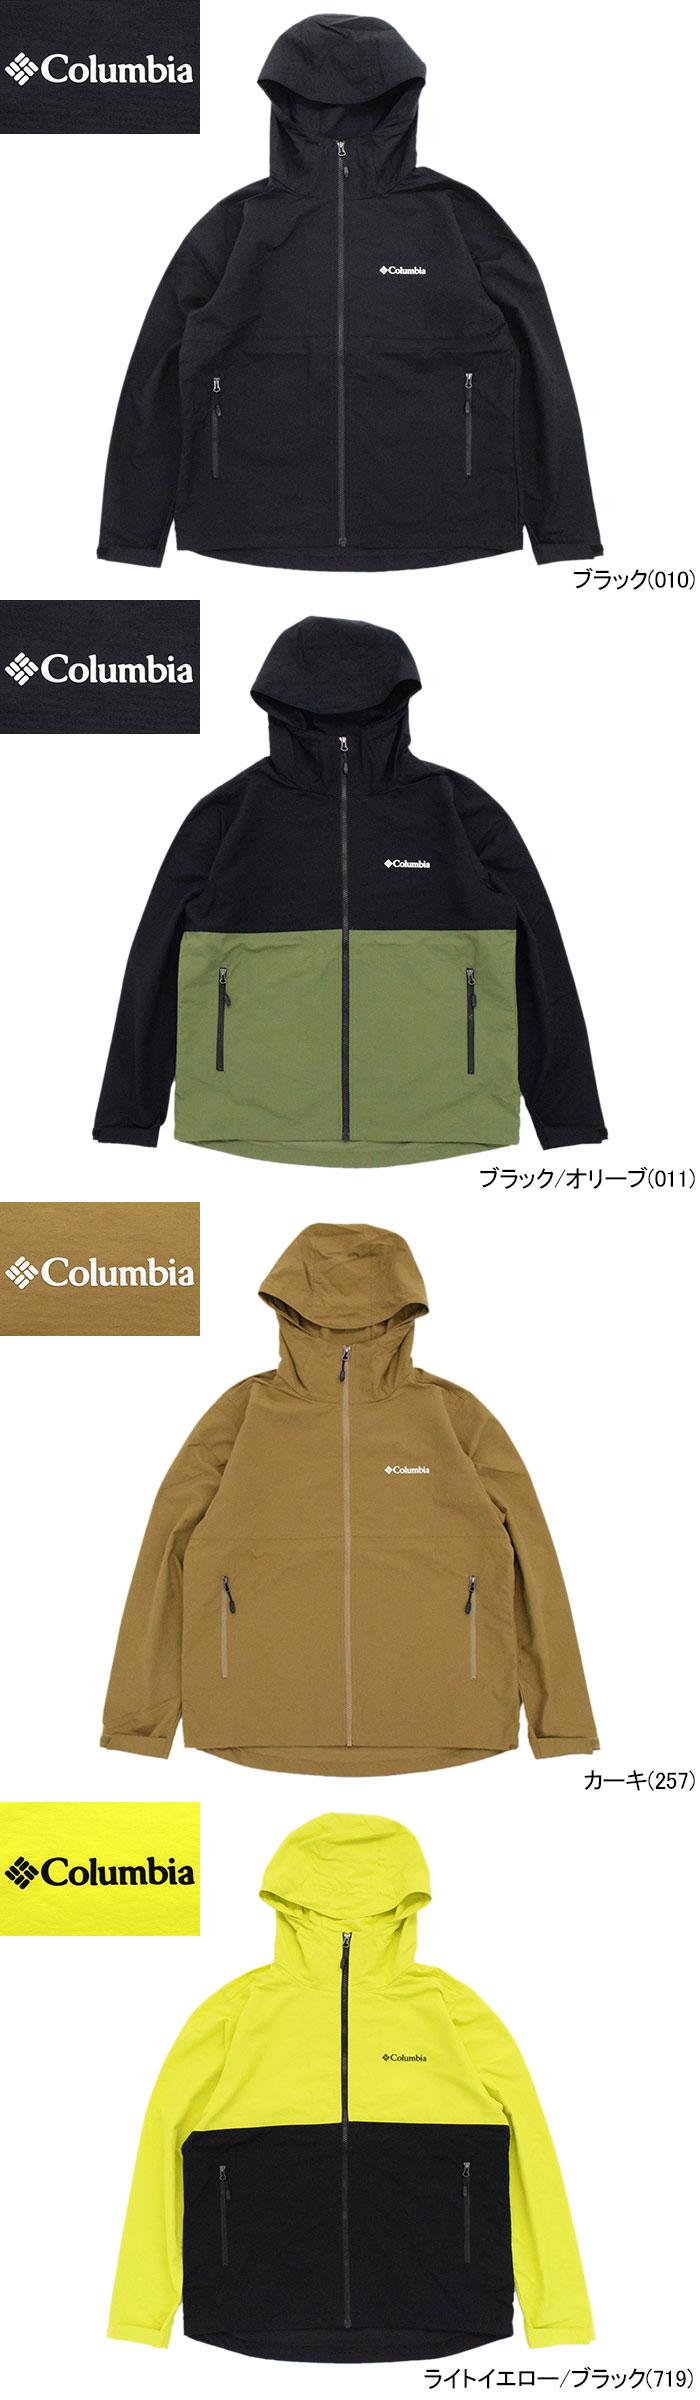 Columbiaコロンビアのジャケット Vizzavona Pass11